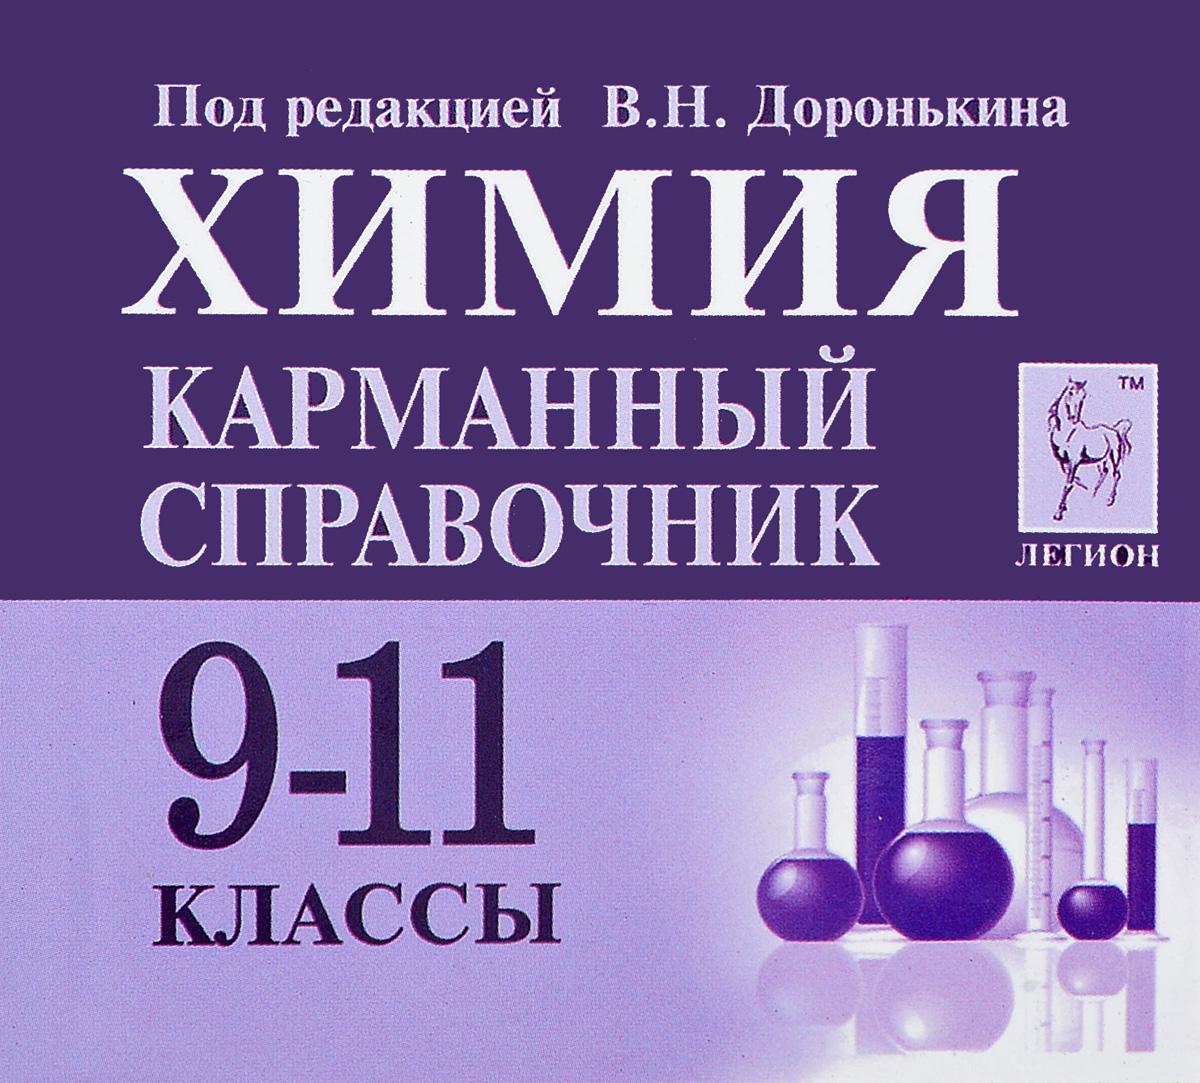 Химия. 9-11 класс. Карманный справочник а с корощенко контроль знаний по органической химии 9 11 класс